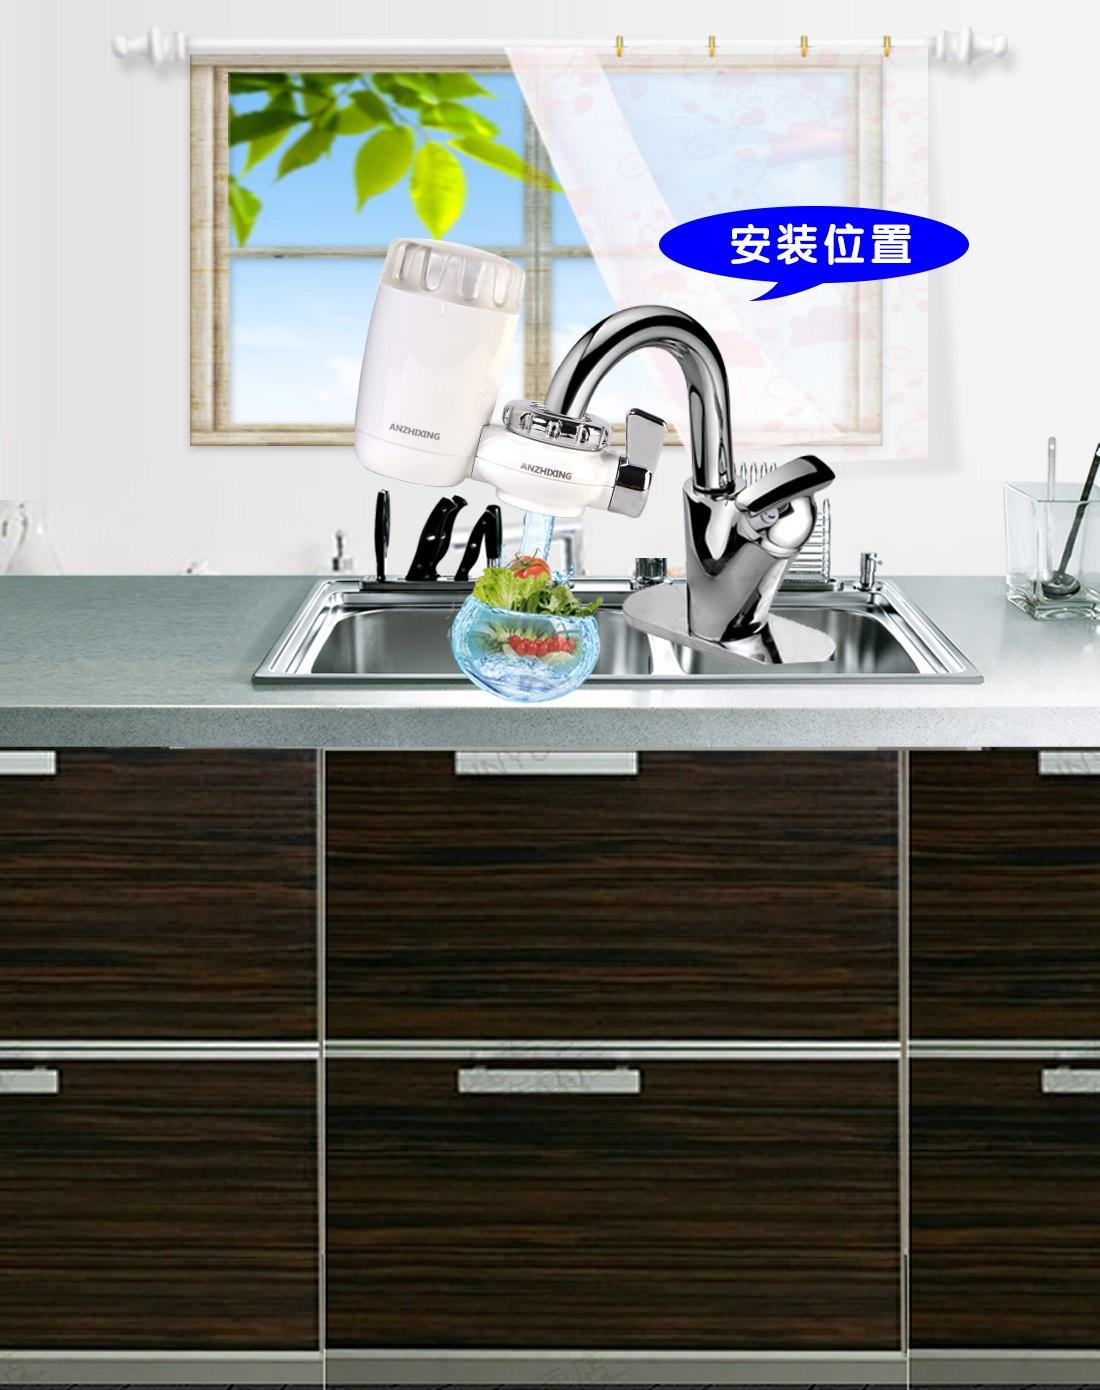 > 厨房家用水龙头净水器自来水过滤